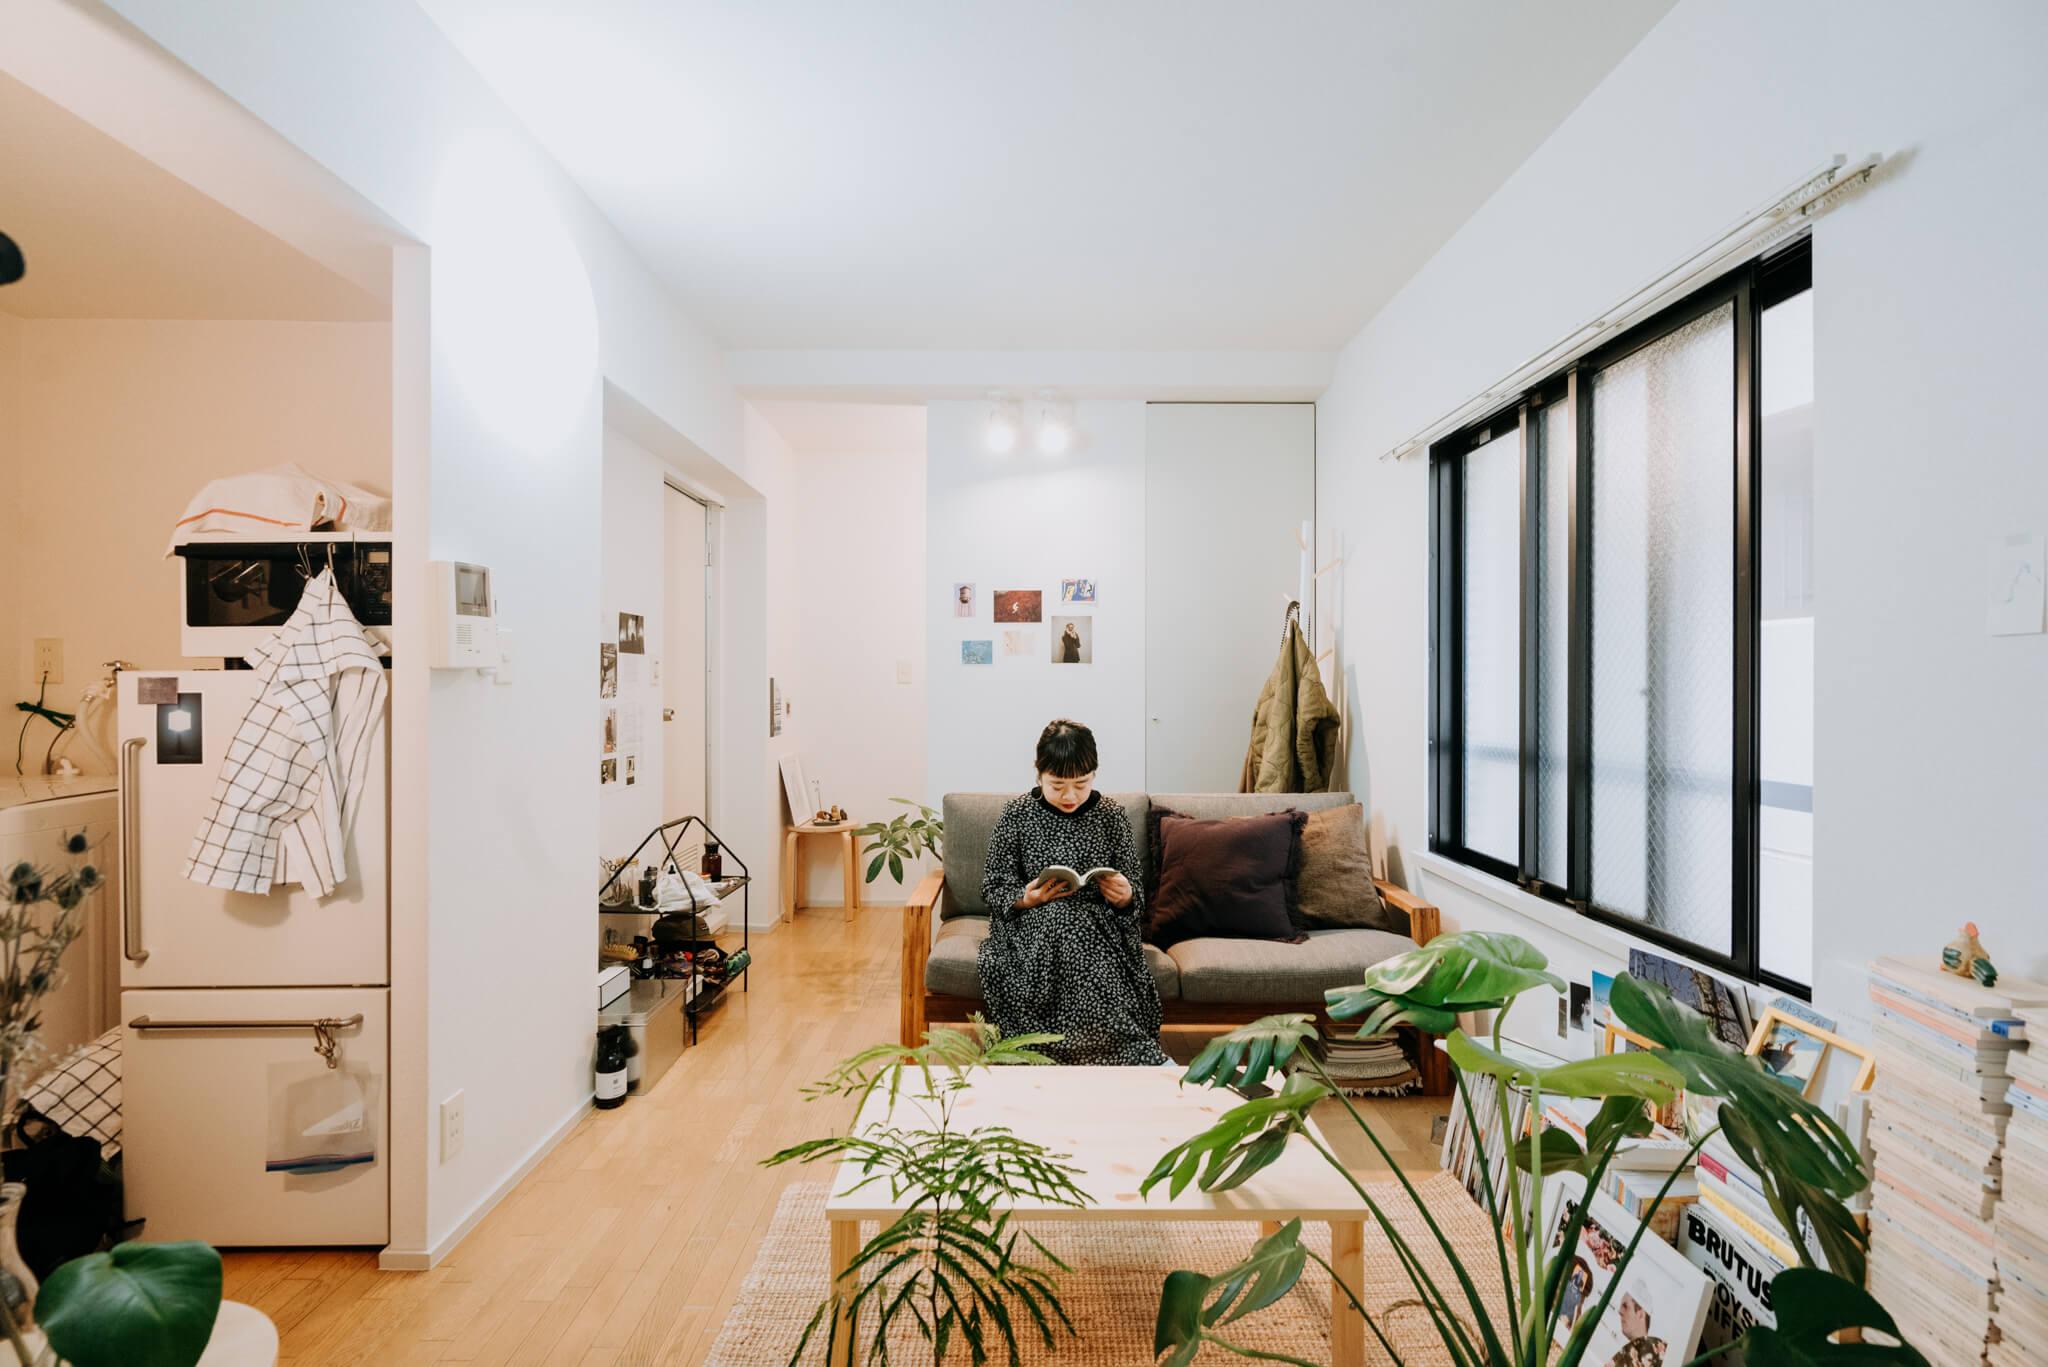 部屋にはテレビもパソコンもなく、その代わりに本屋さんに行ってよく文庫本を購入するという読書好きさんのお部屋。